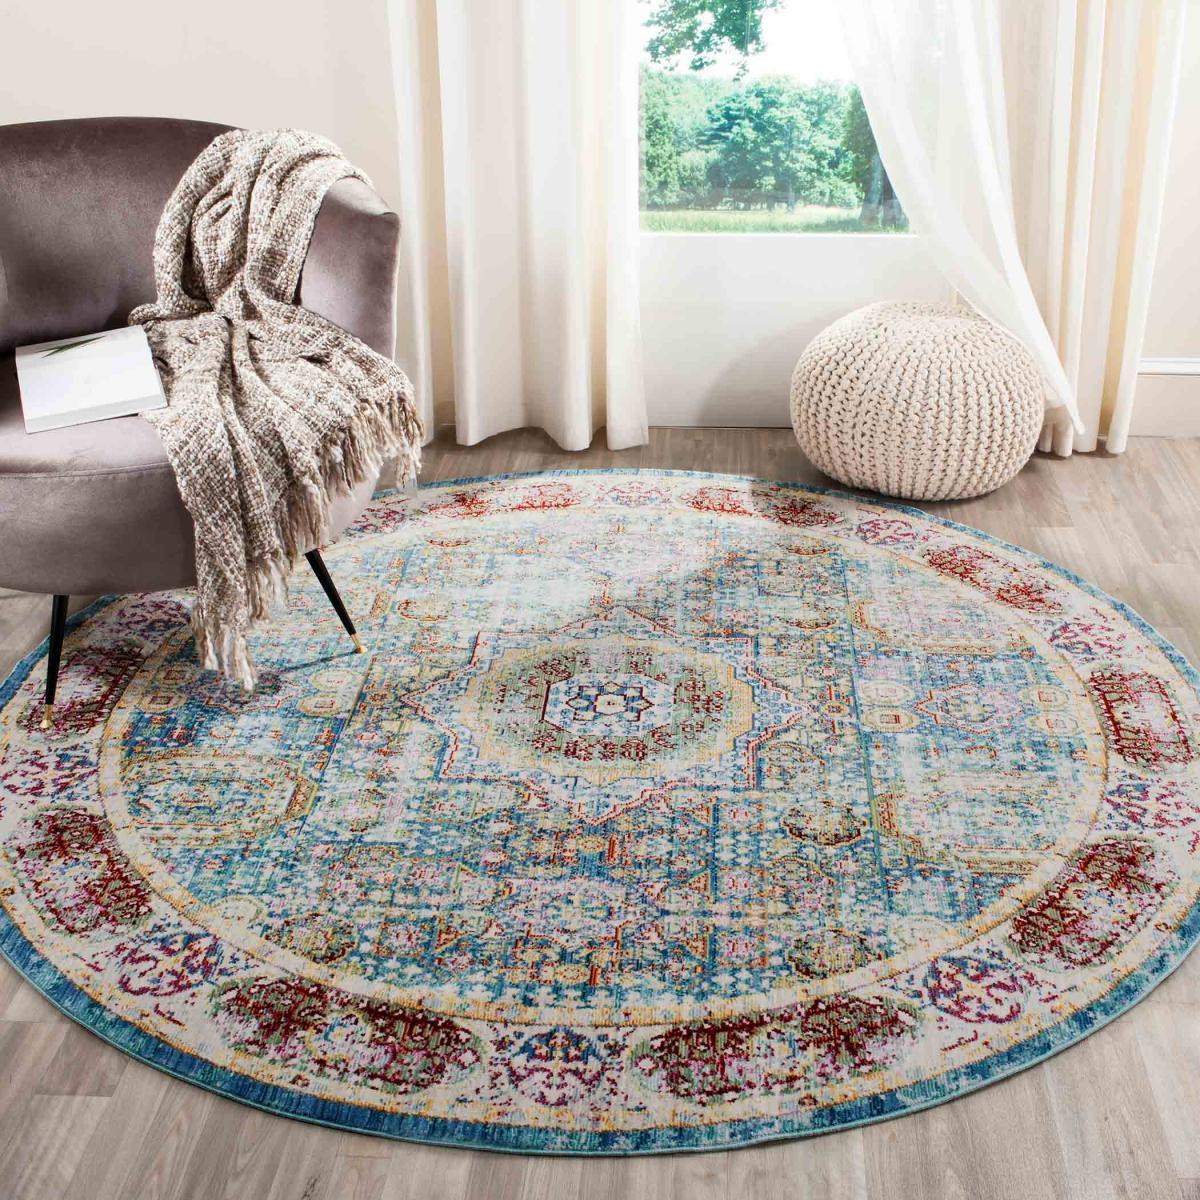 6 Ft Round Oriental Rug Designs